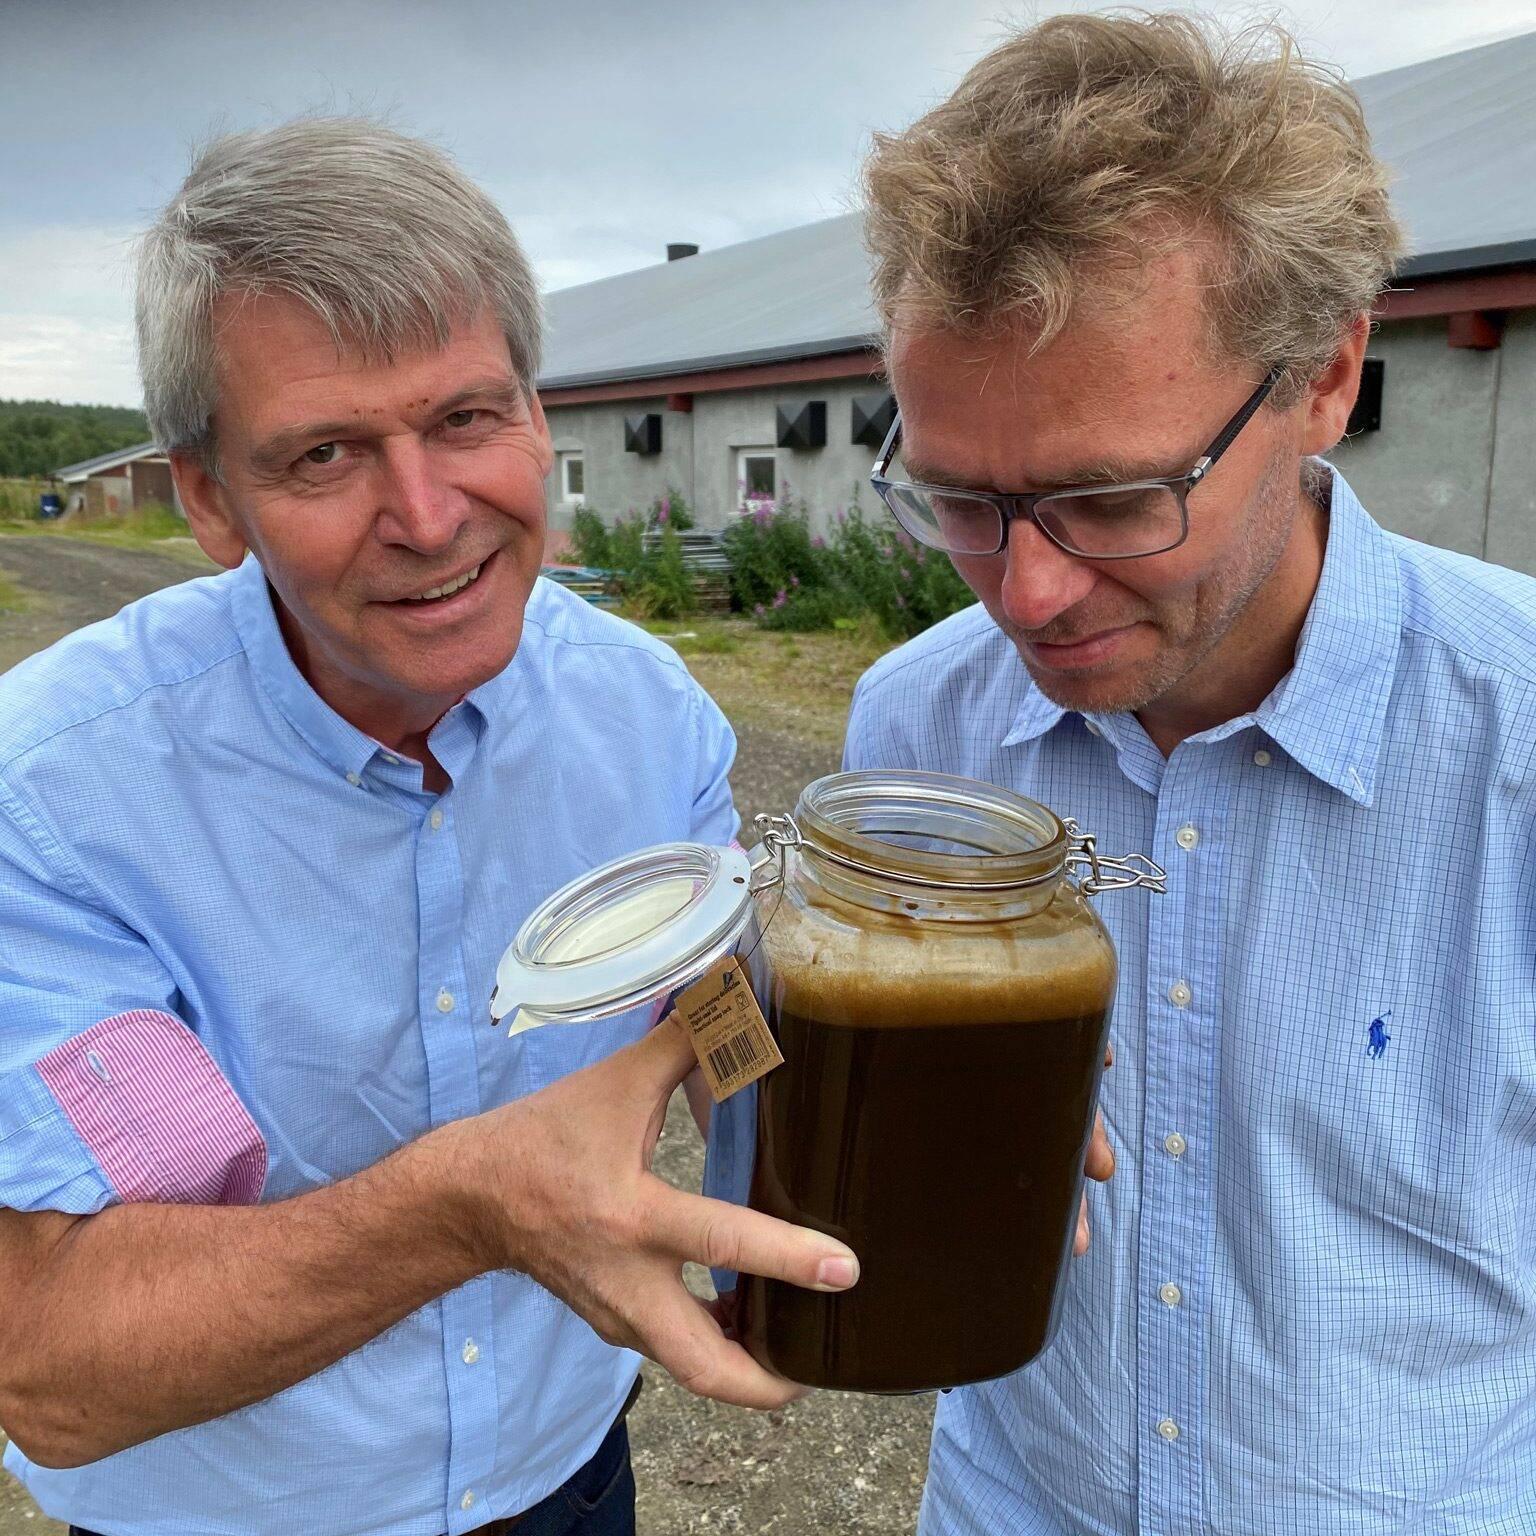 Det var også N2-gründer Rune Ingels og Senterpartiets Ola Borten Moe. De konstaterer at møkka er luktfri.